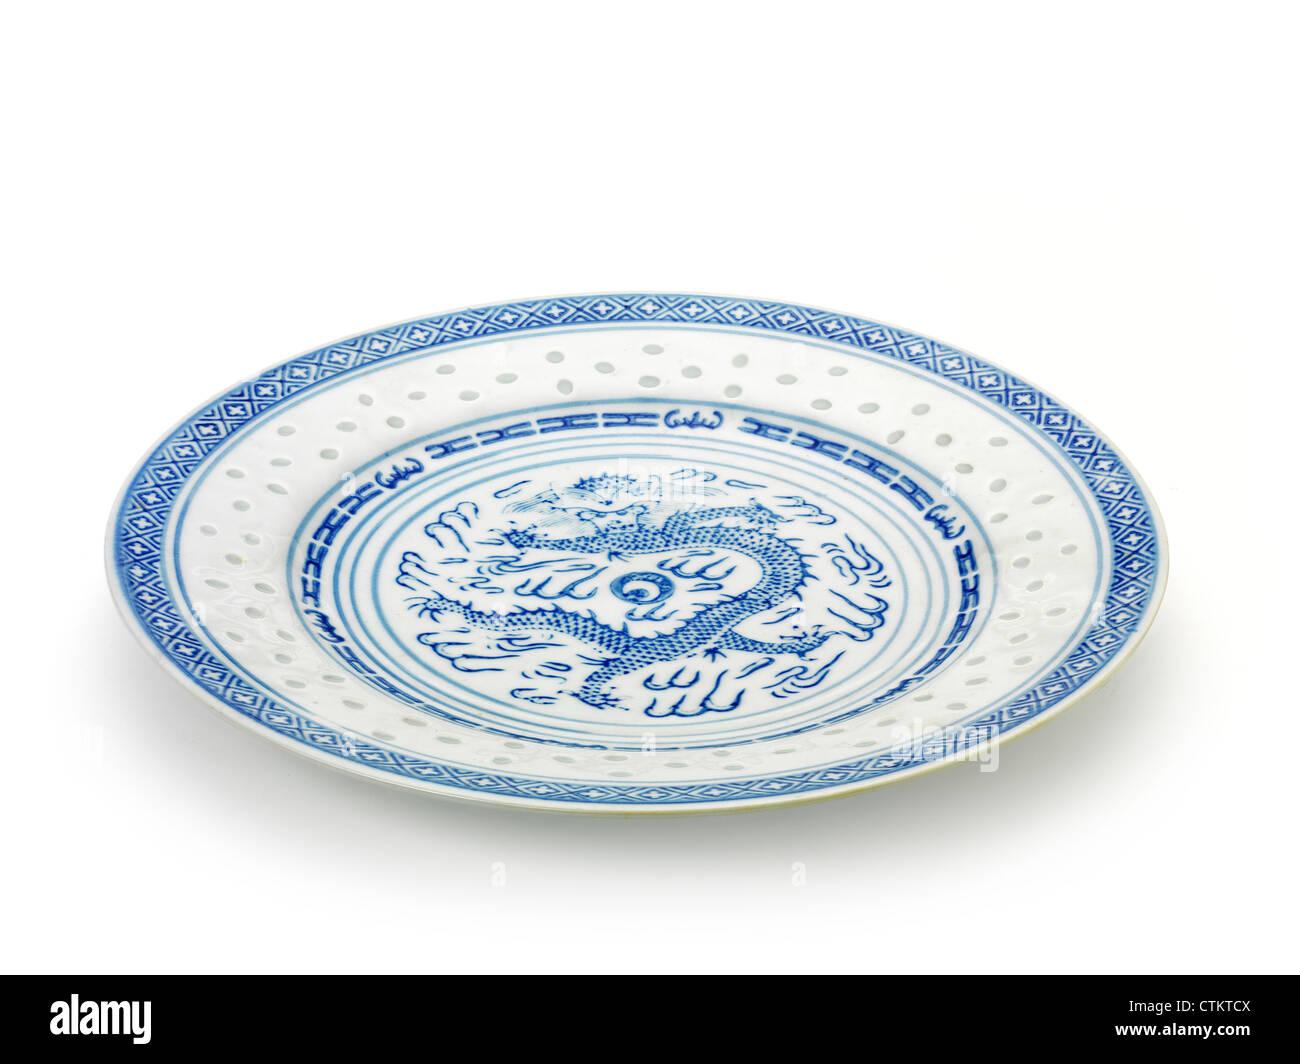 datazione porcellana antica cinese